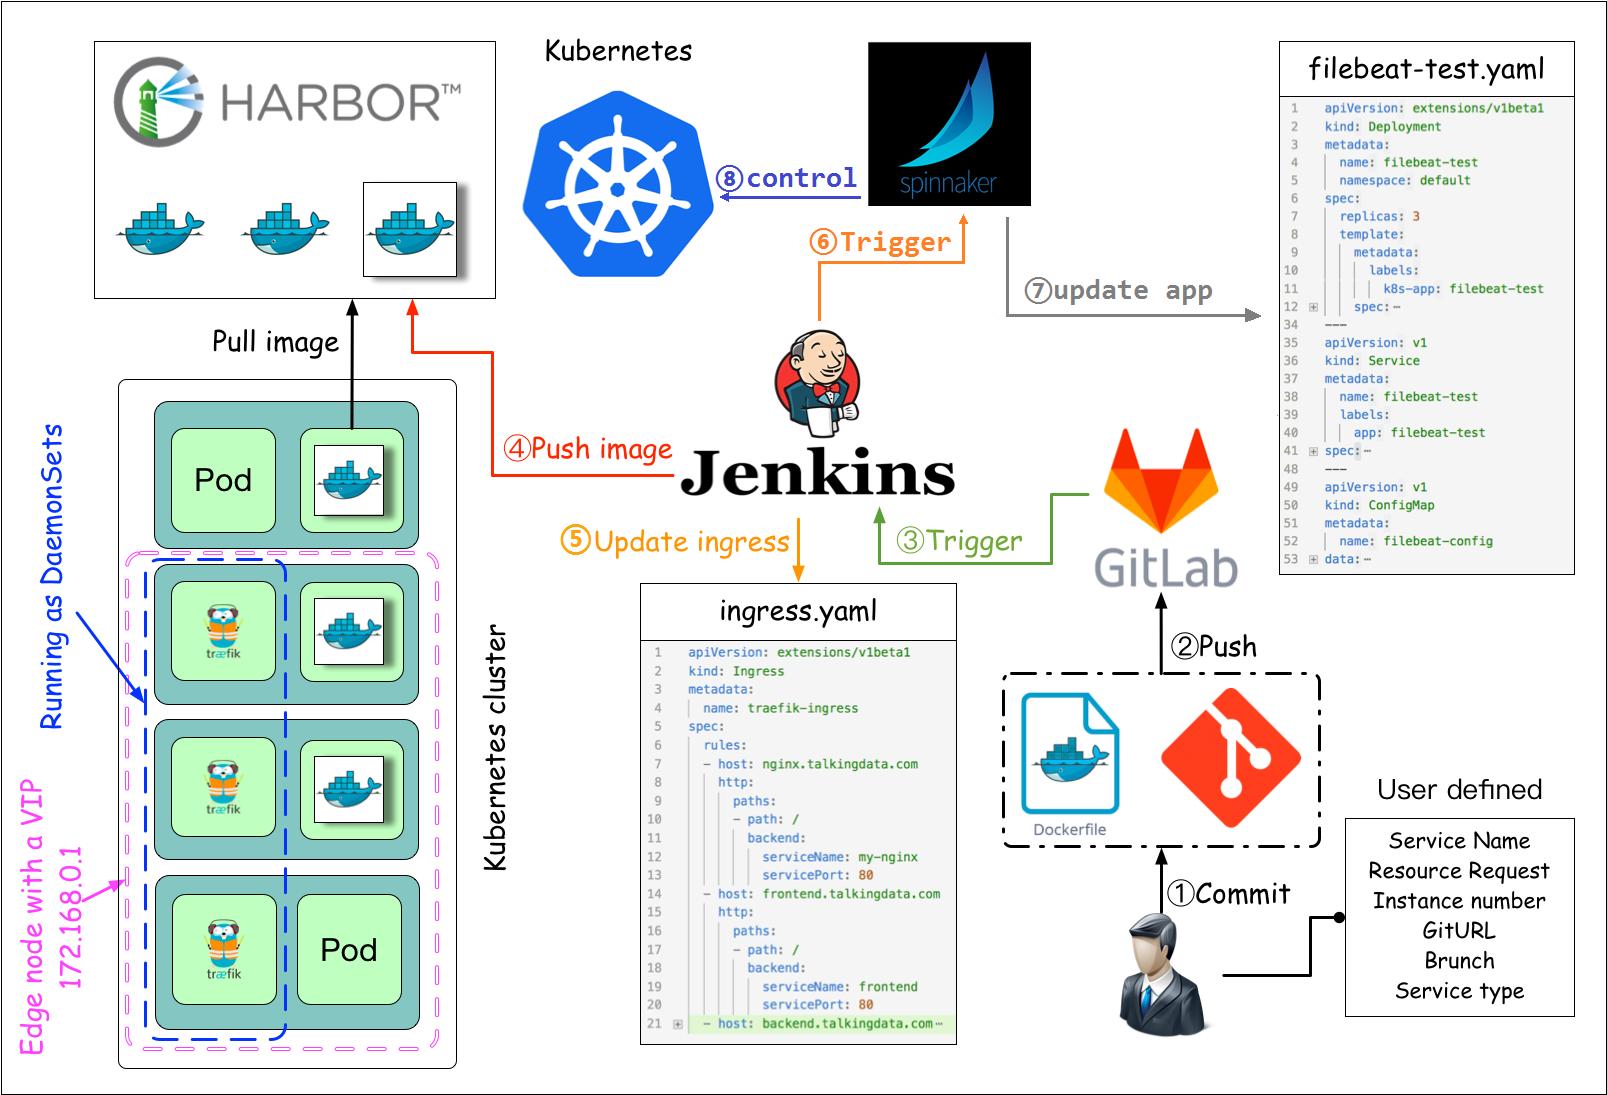 基于Jenkins和Spinnaker的CI/CD流程